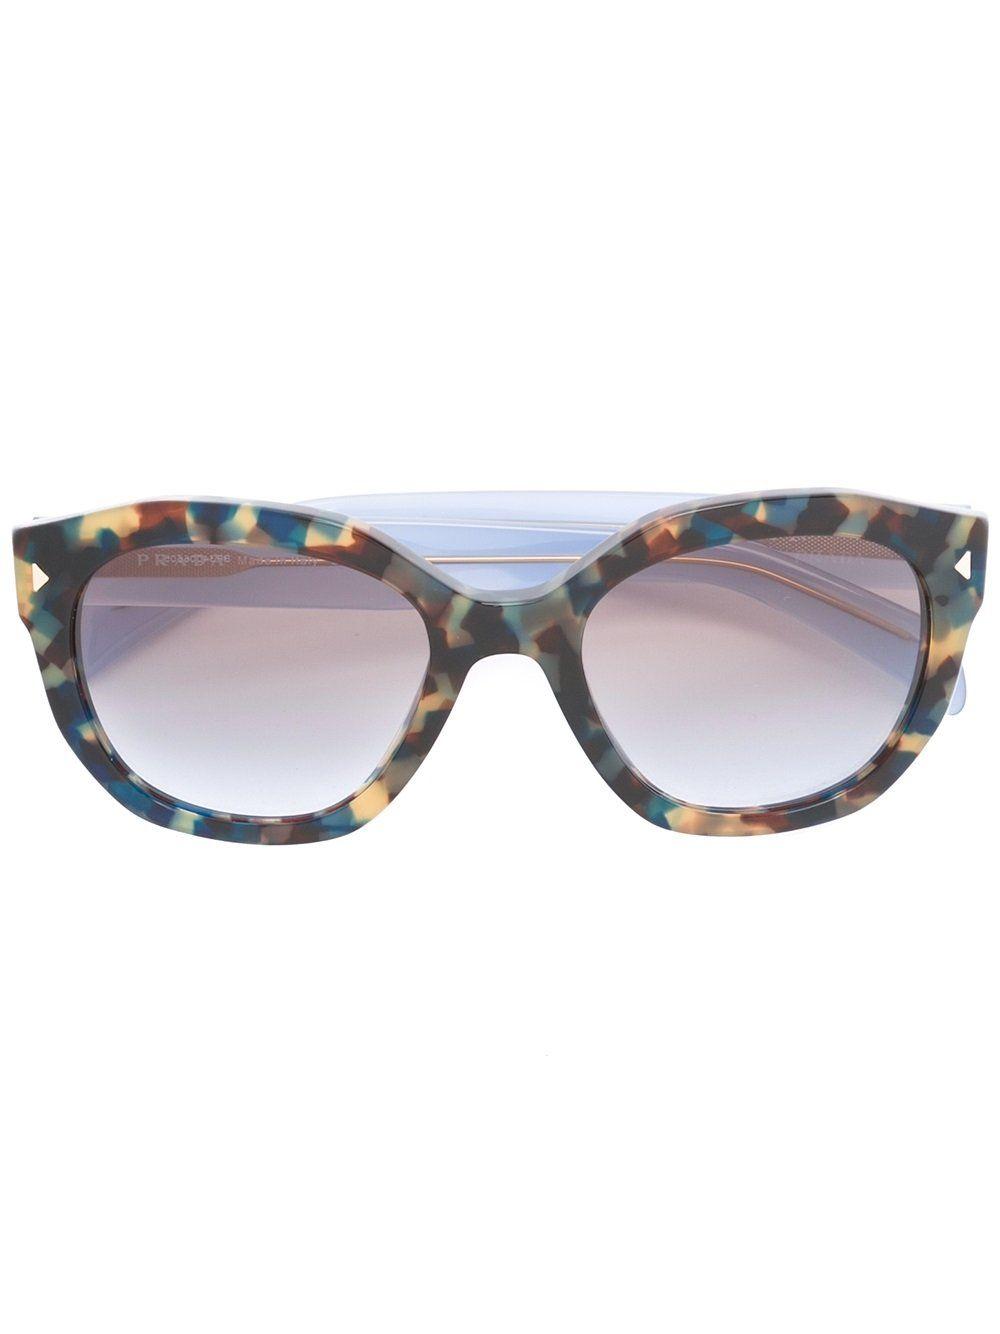 d4994ca5a6 prada frames vision express